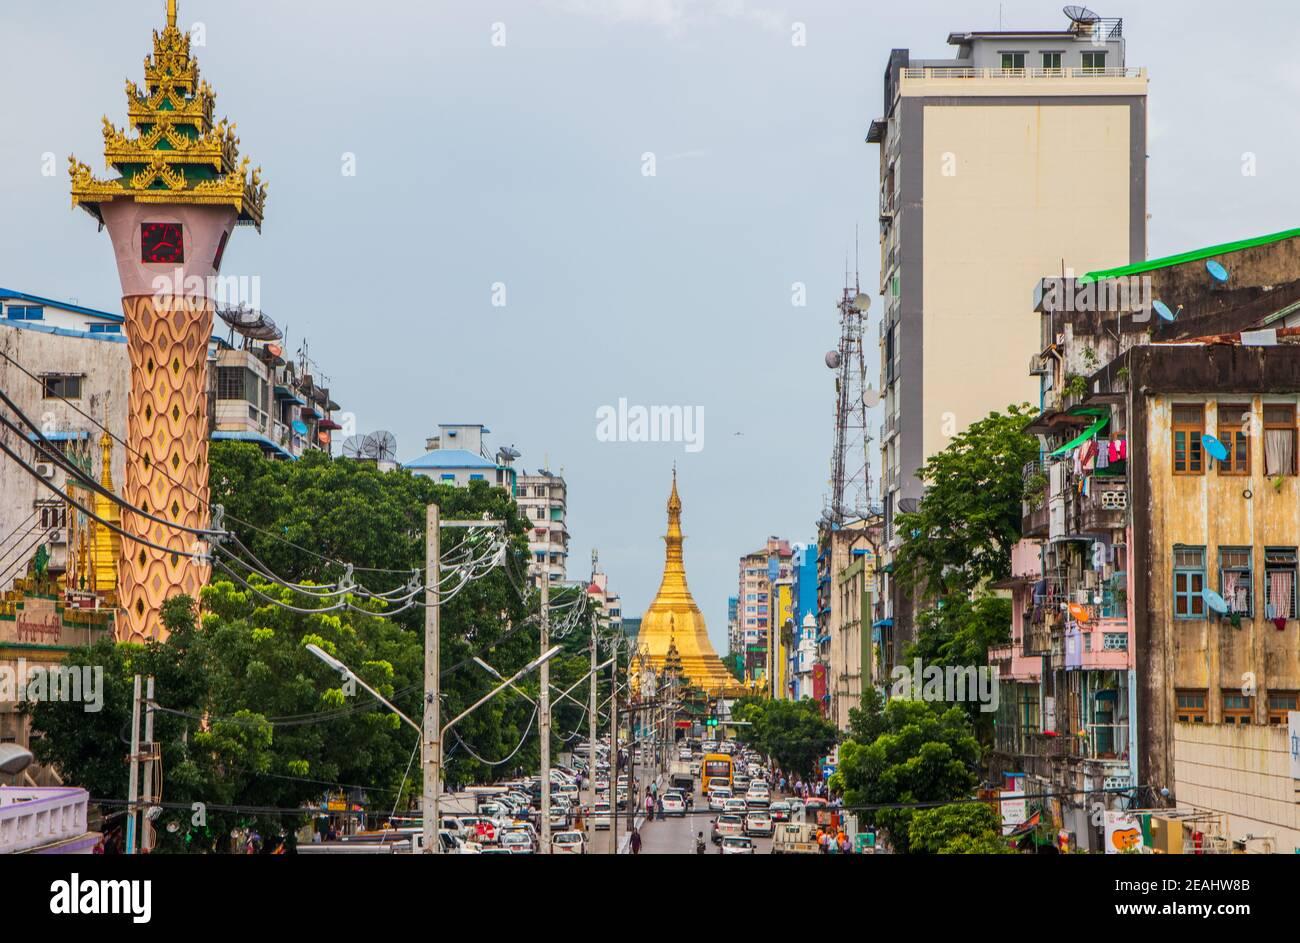 Les rues de Yangon Myanmar Birmanie Asie du Sud-est Banque D'Images